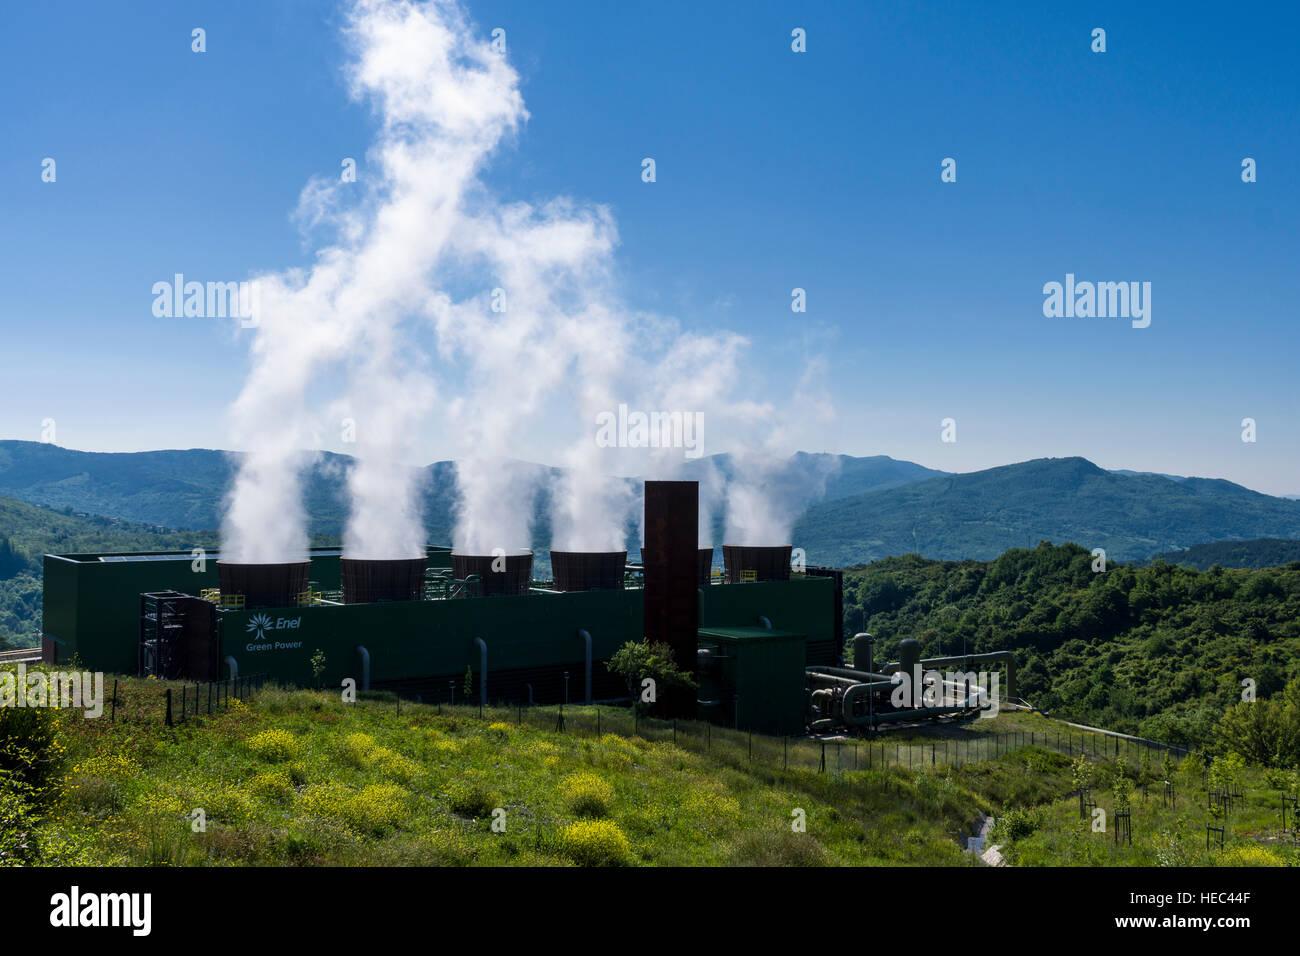 Dampf entsteht aus der Bagnore 3 geothermische Kraftwerk am Morgen ...